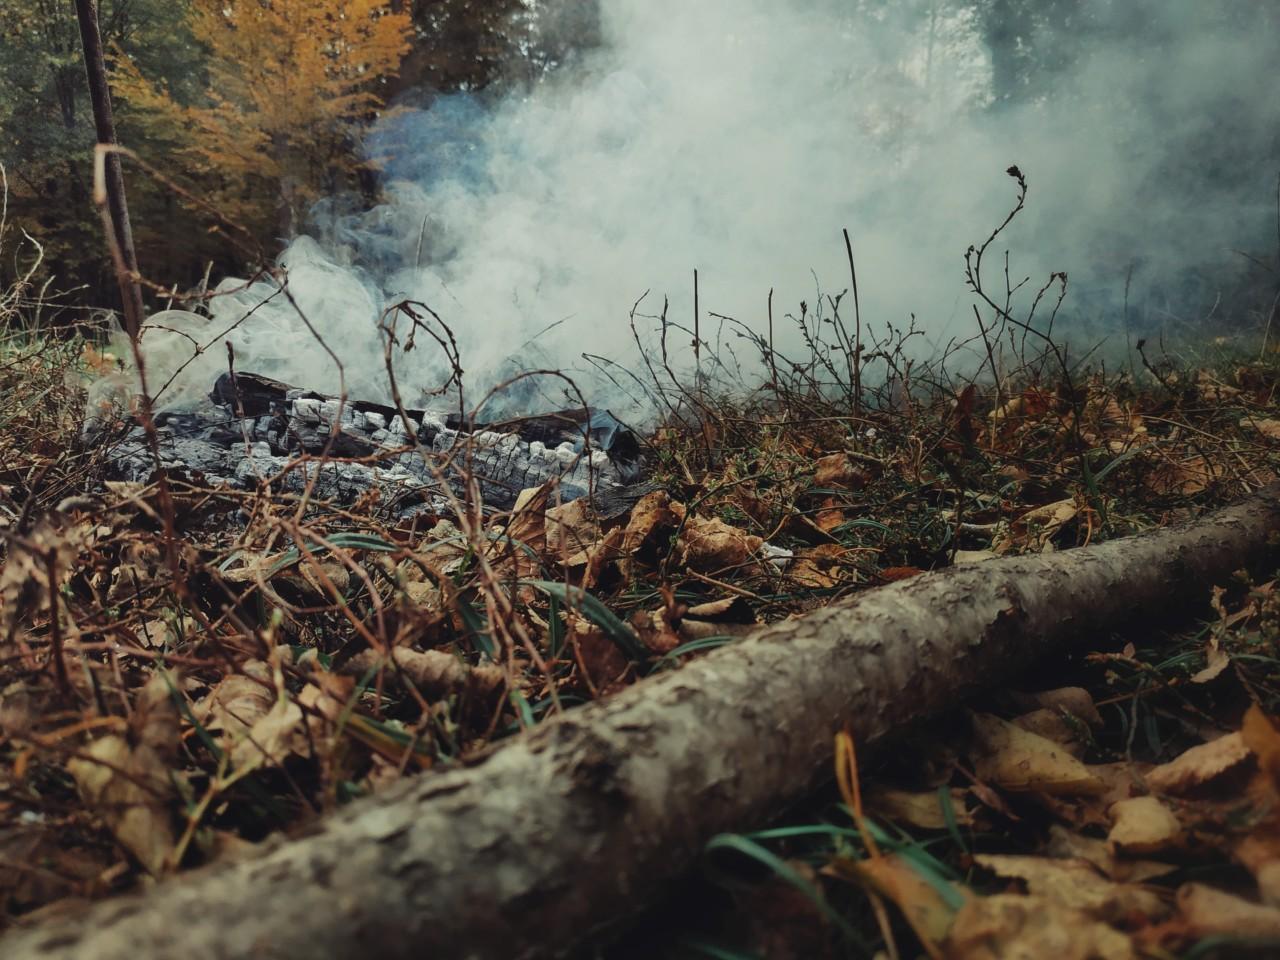 Дым на фотографии